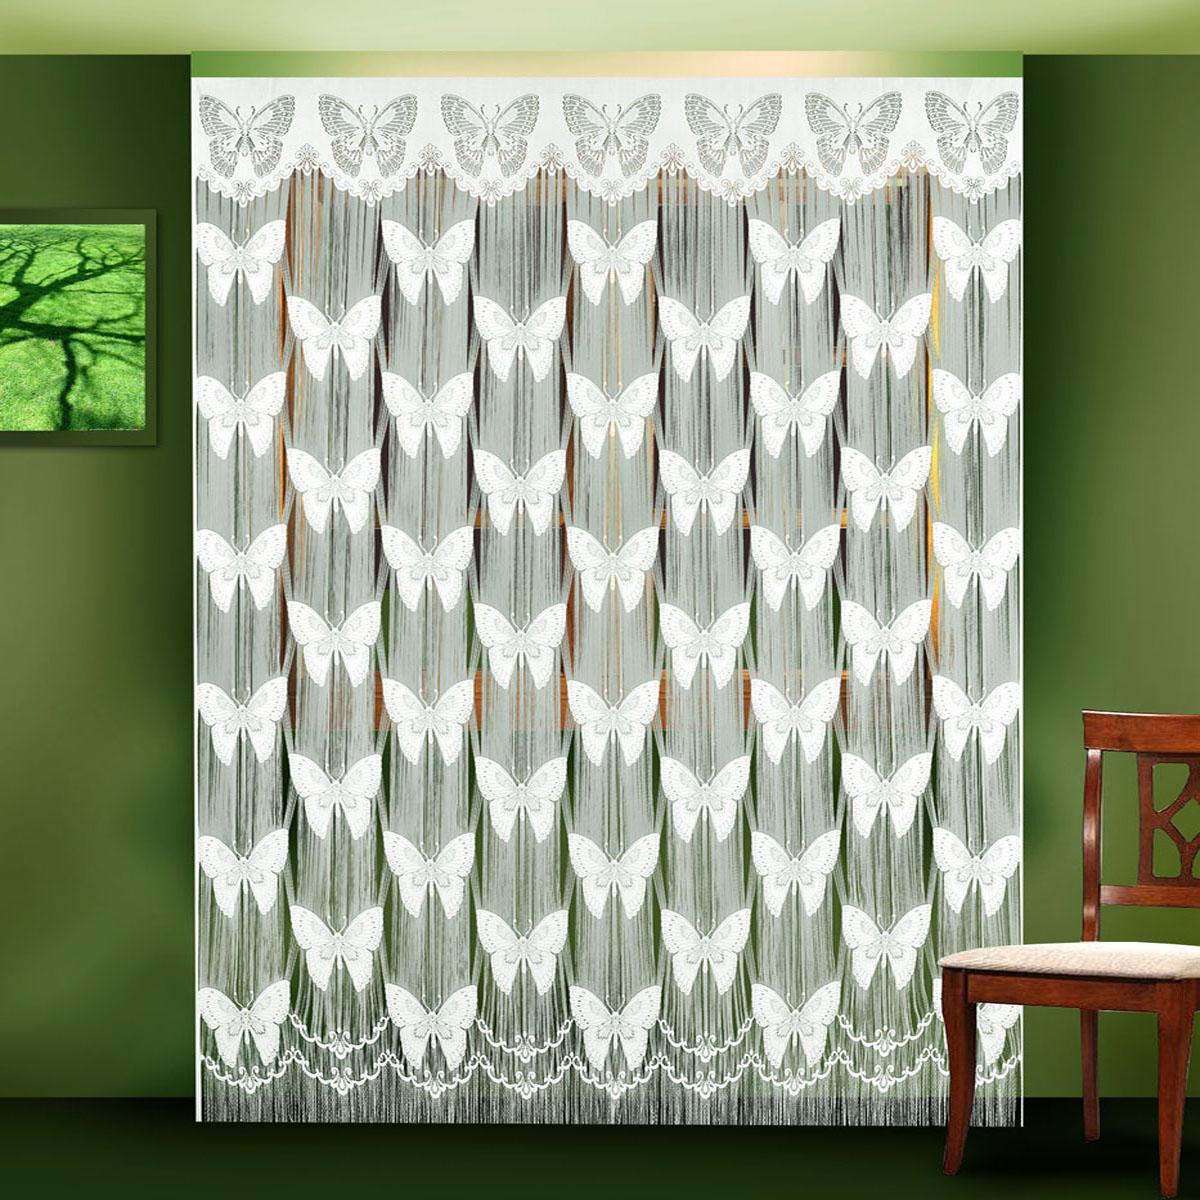 Гардина-лапша Zlata Korunka, цвет: белый, высота 250 см. 88801SVC-300Гардина-лапша Zlata Korunka, изготовленная из полиэстера кремового цвета, станет великолепным украшением окна или дверного проема. Гардина выполнена из тонкой бахромы и декорирована вставками в виде ажурных бабочек. Тонкое плетение, необычный дизайн и нежная цветовая гамма привлекут внимание и органично впишутся в интерьер помещения. Верхняя часть гардины не оснащена креплениями.